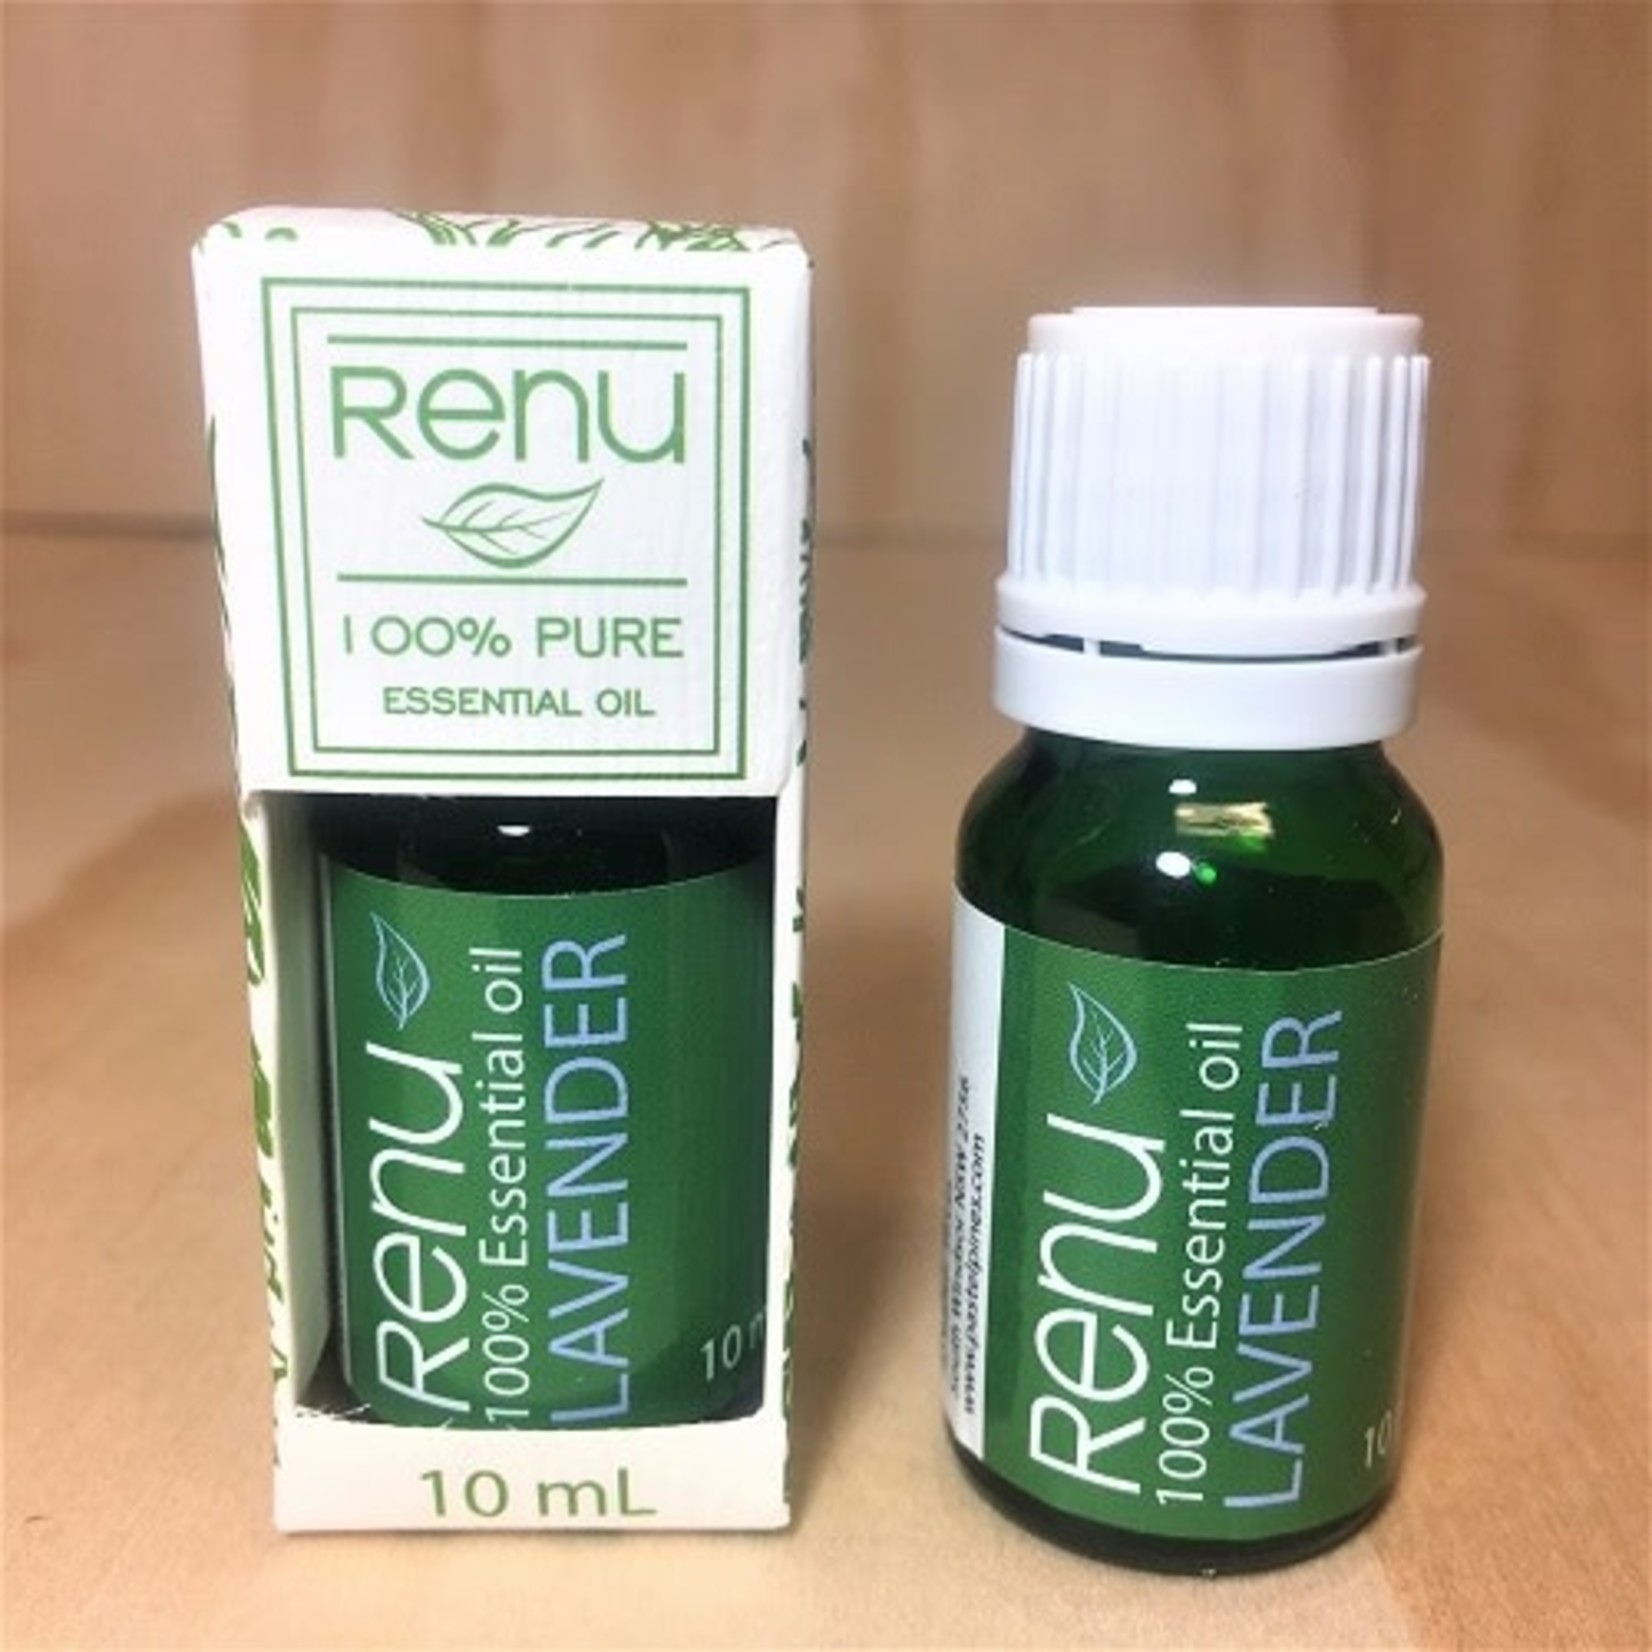 Renu Renu Pure Essential Oil 10ml